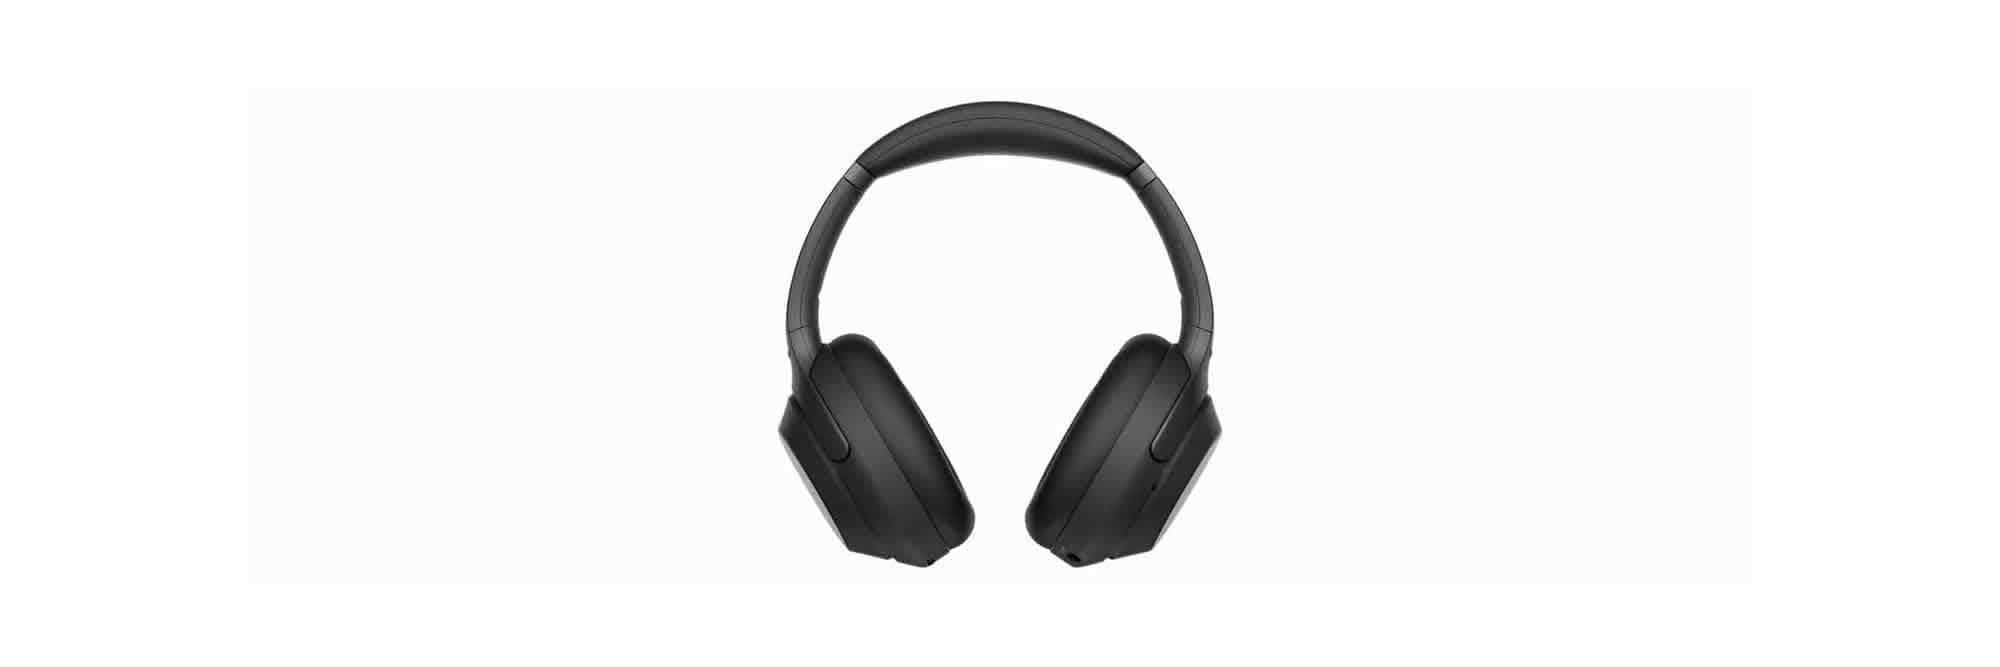 Over Ear Headphones Quiz